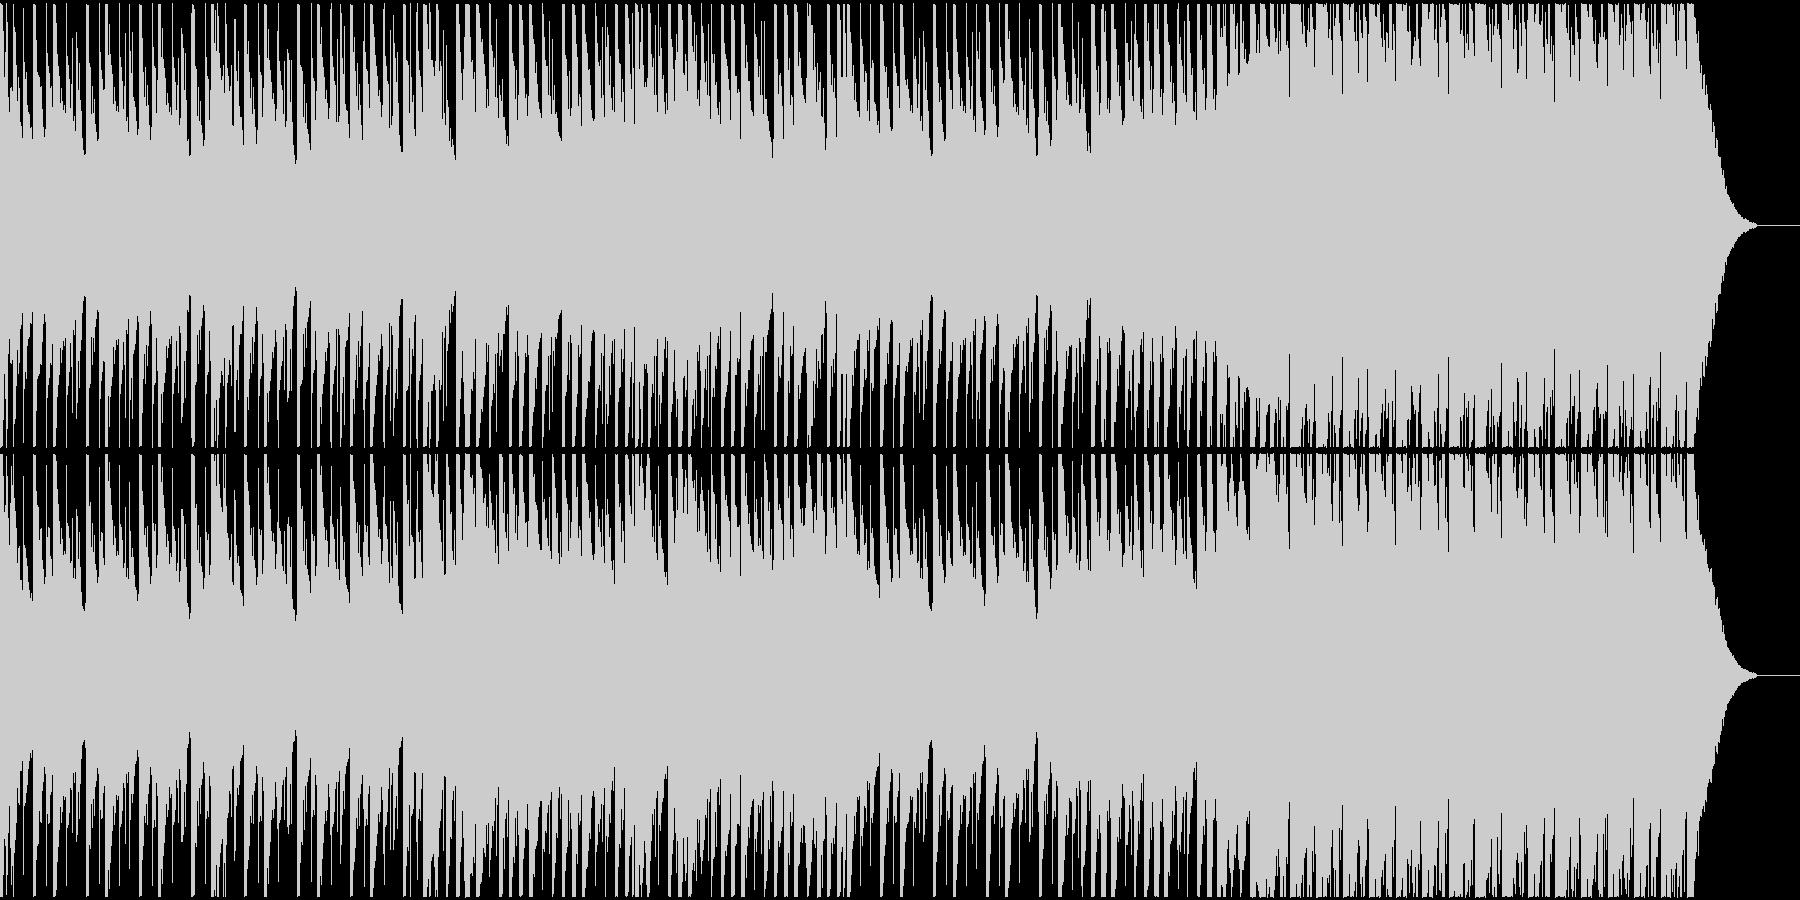 声素材使用 無機質でミニマルなトラックの未再生の波形